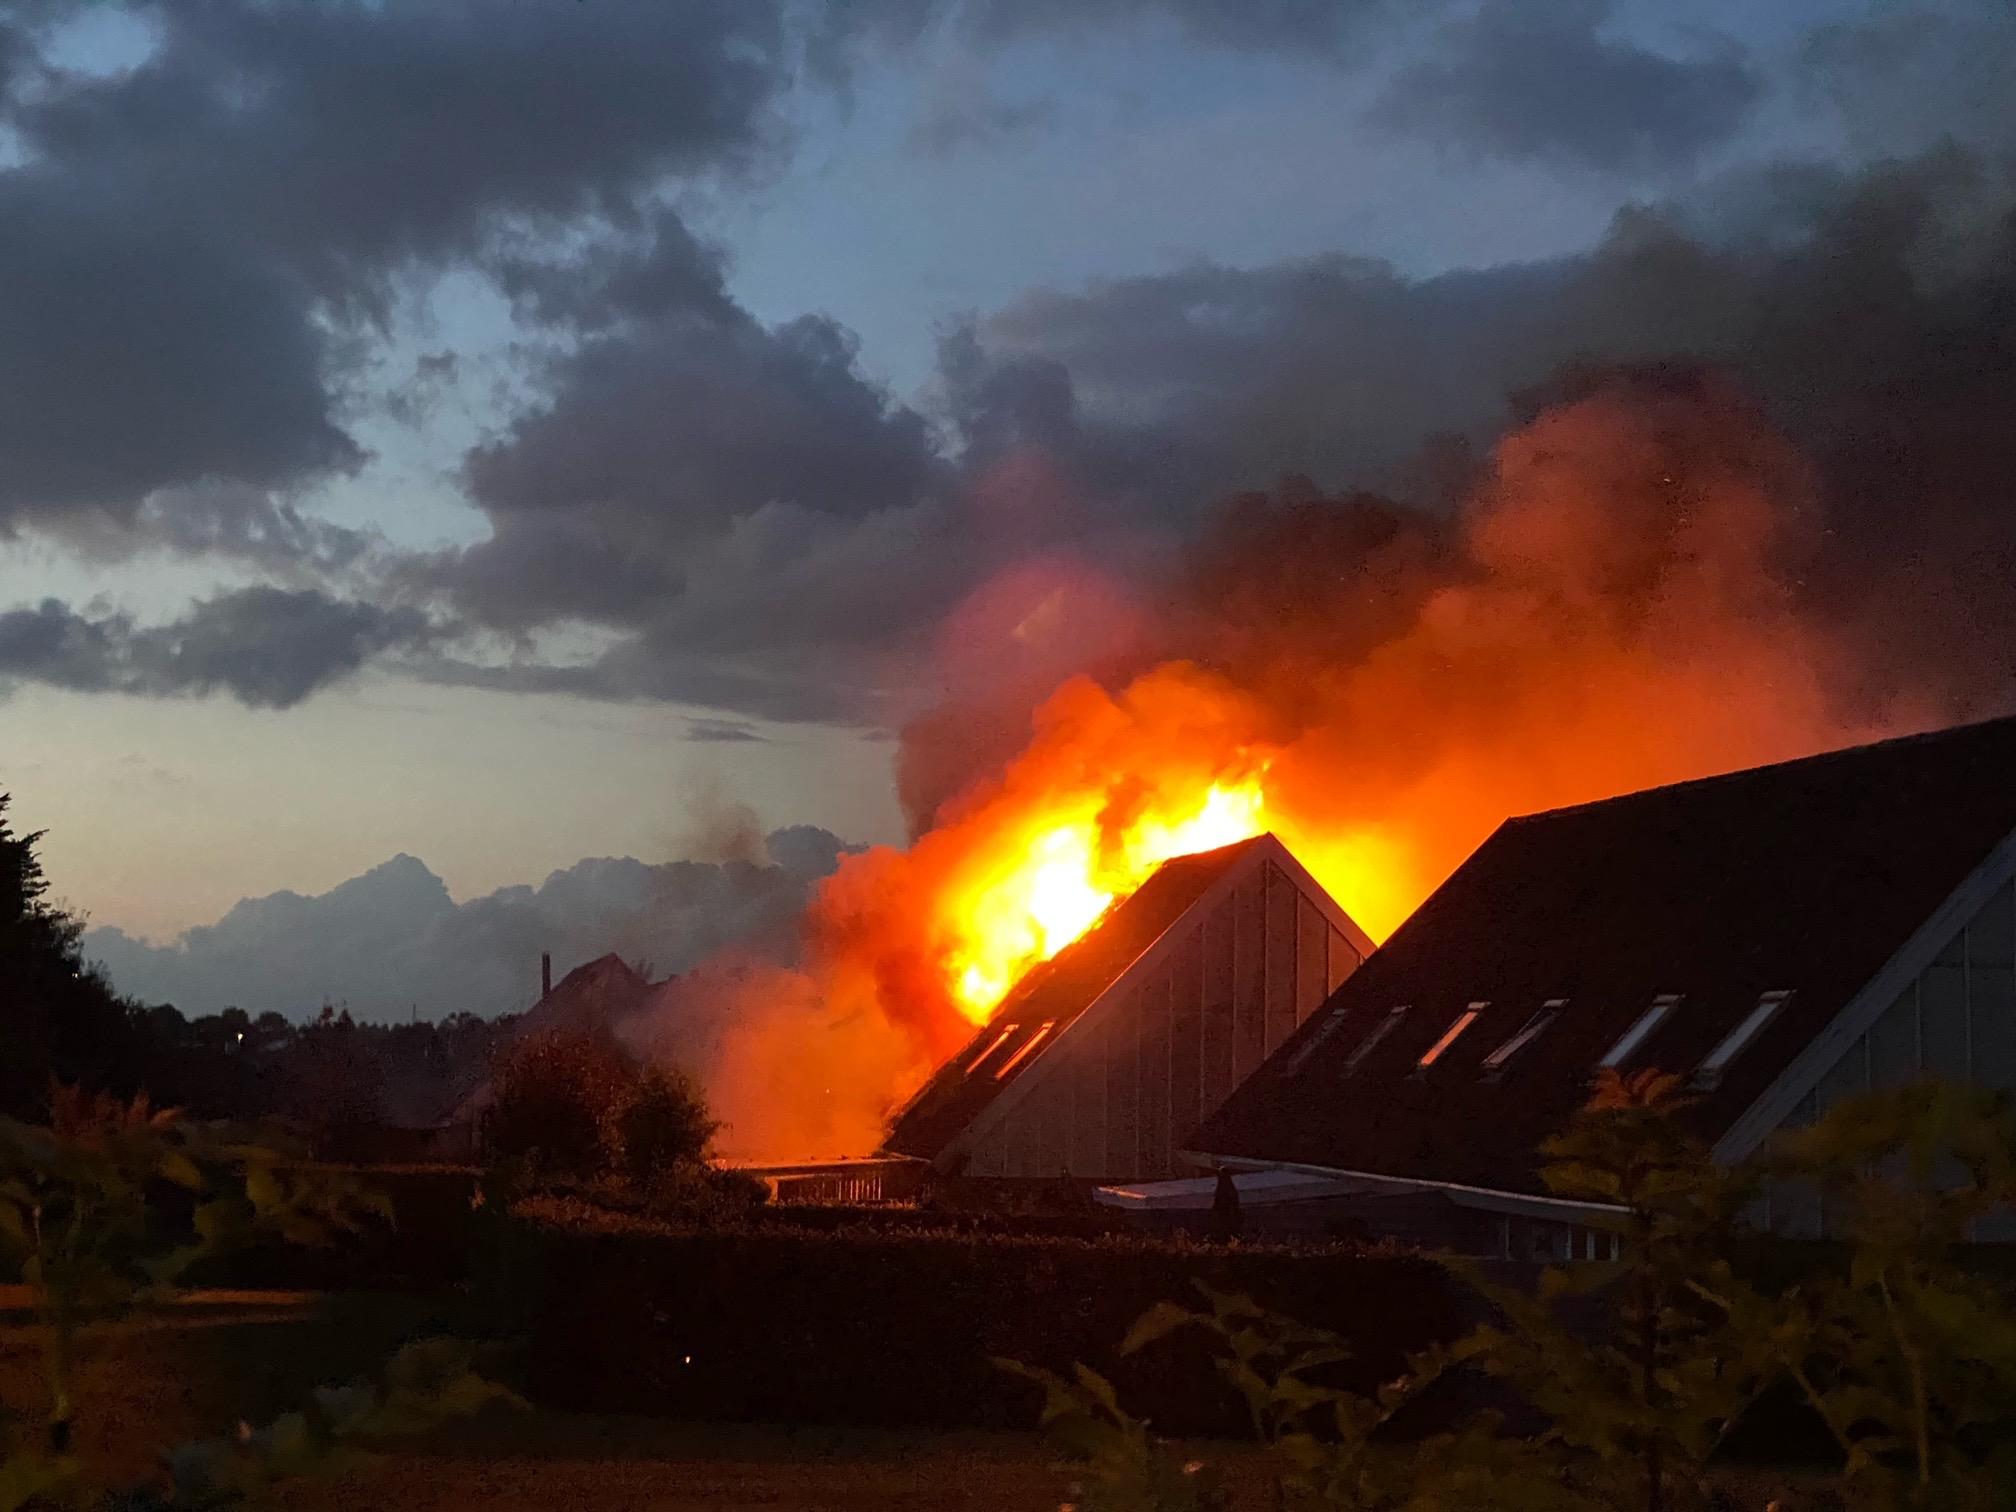 Kæmpe flammer - voldsom rækkehusbrand